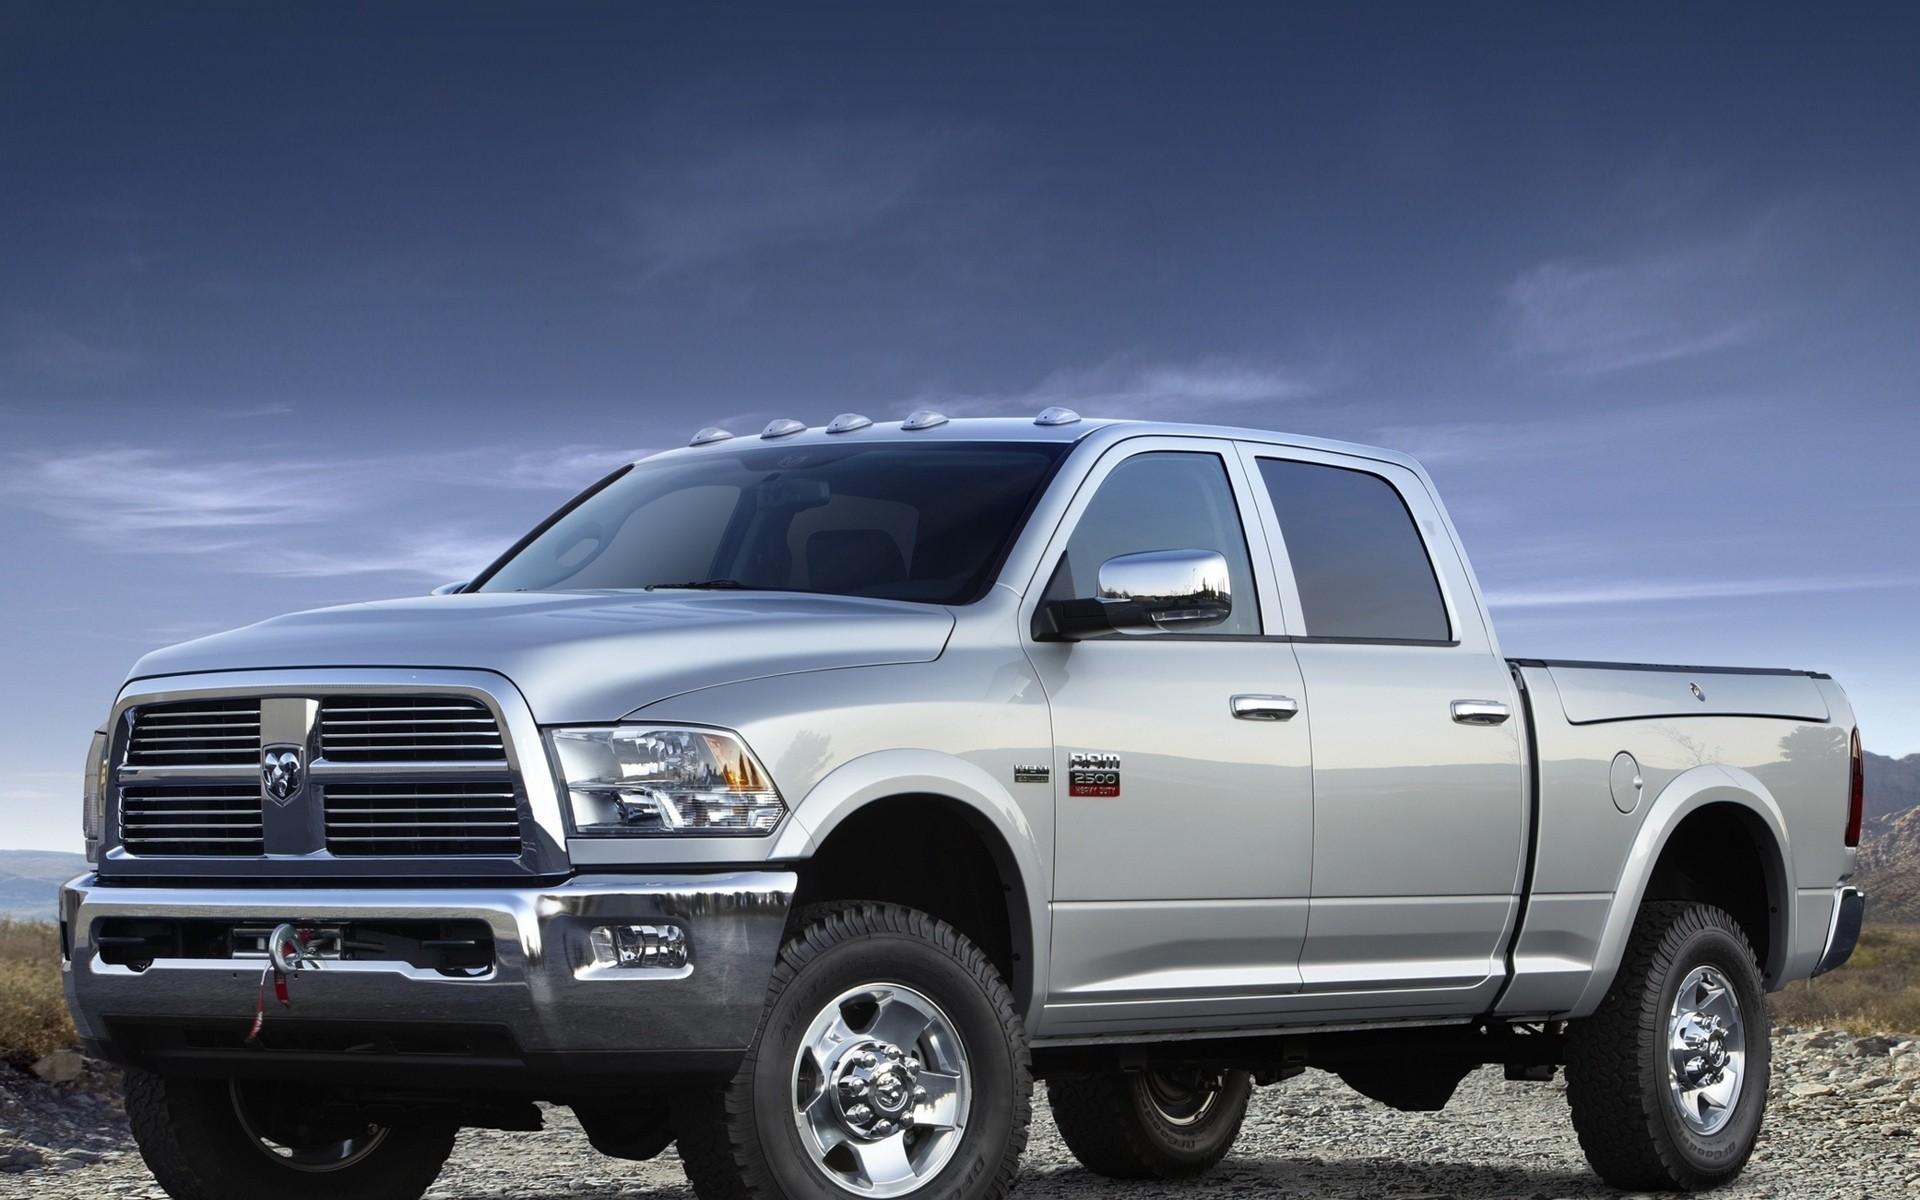 Cars pickup trucks Dodge Ram 2500 wallpaper 1920x1200 192101 1920x1200